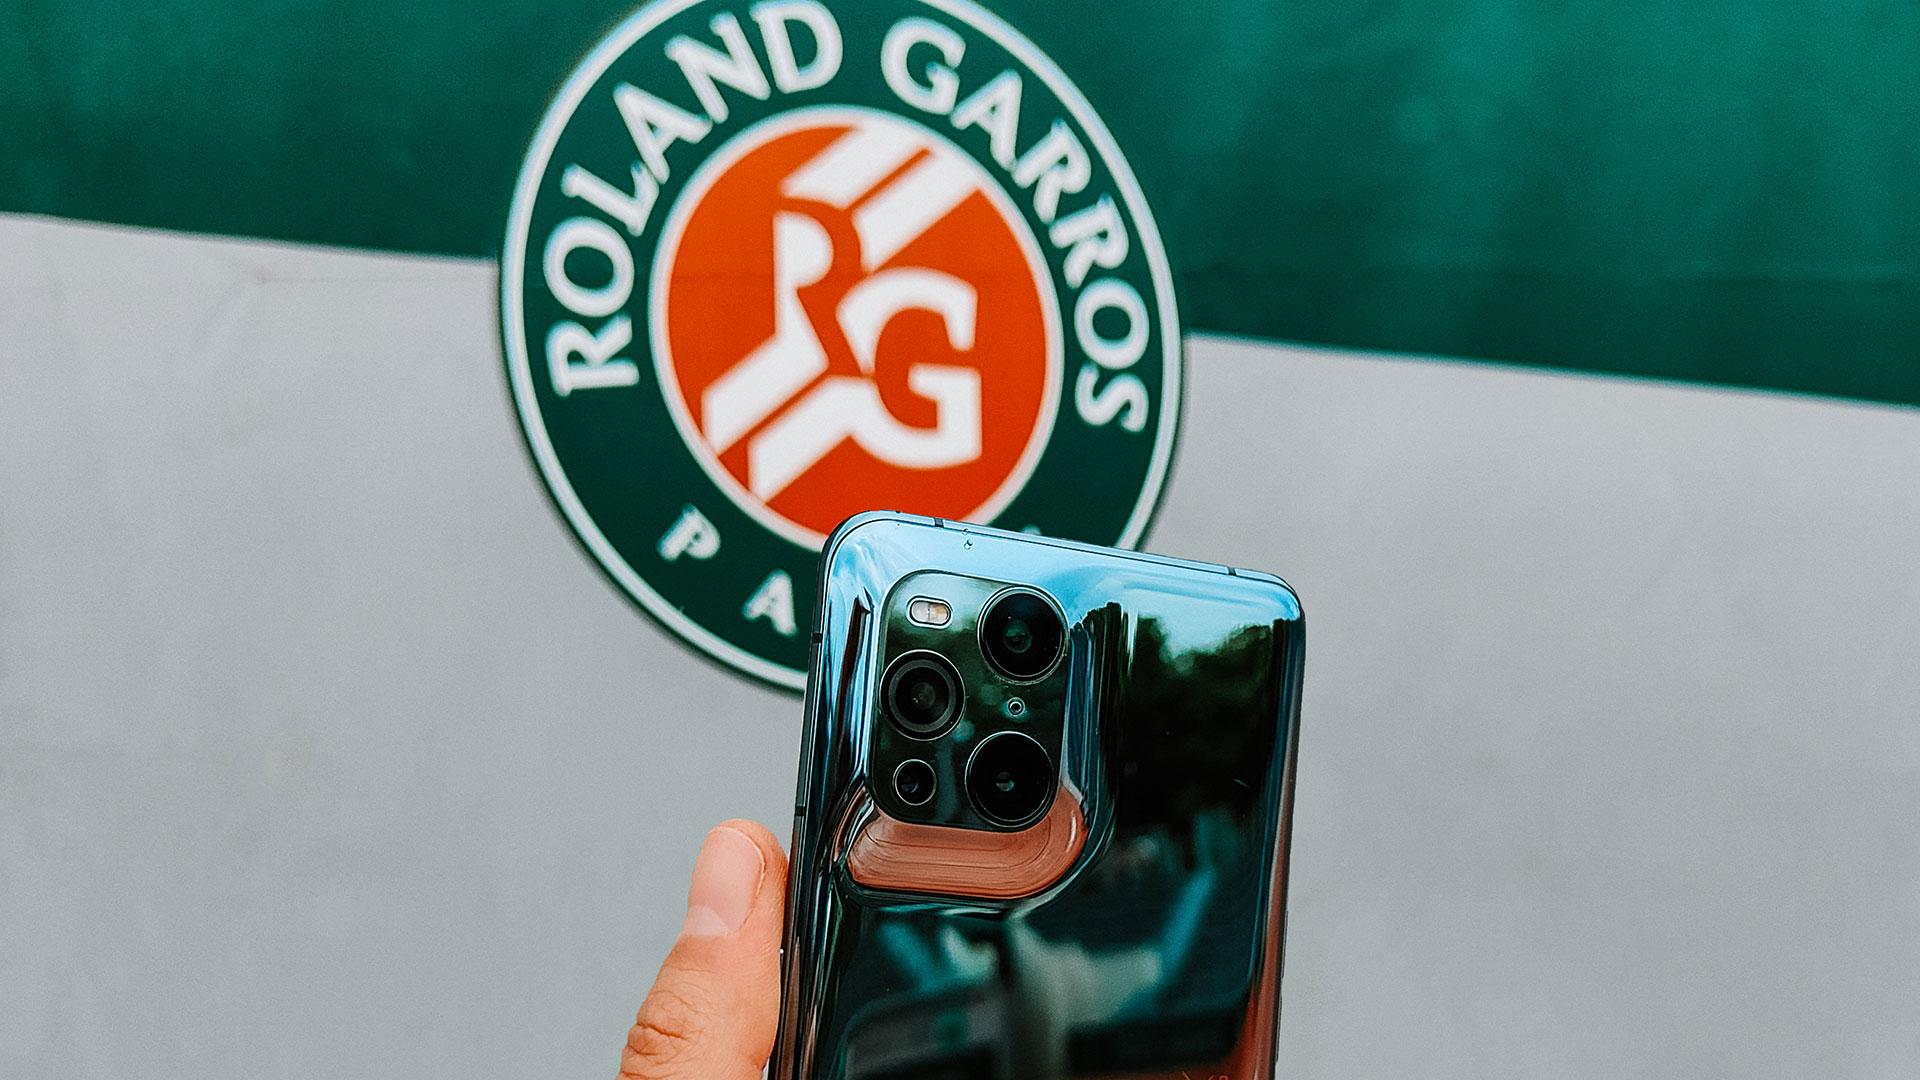 CONCOURS - Connaissez-vous bien Roland-Garros ?